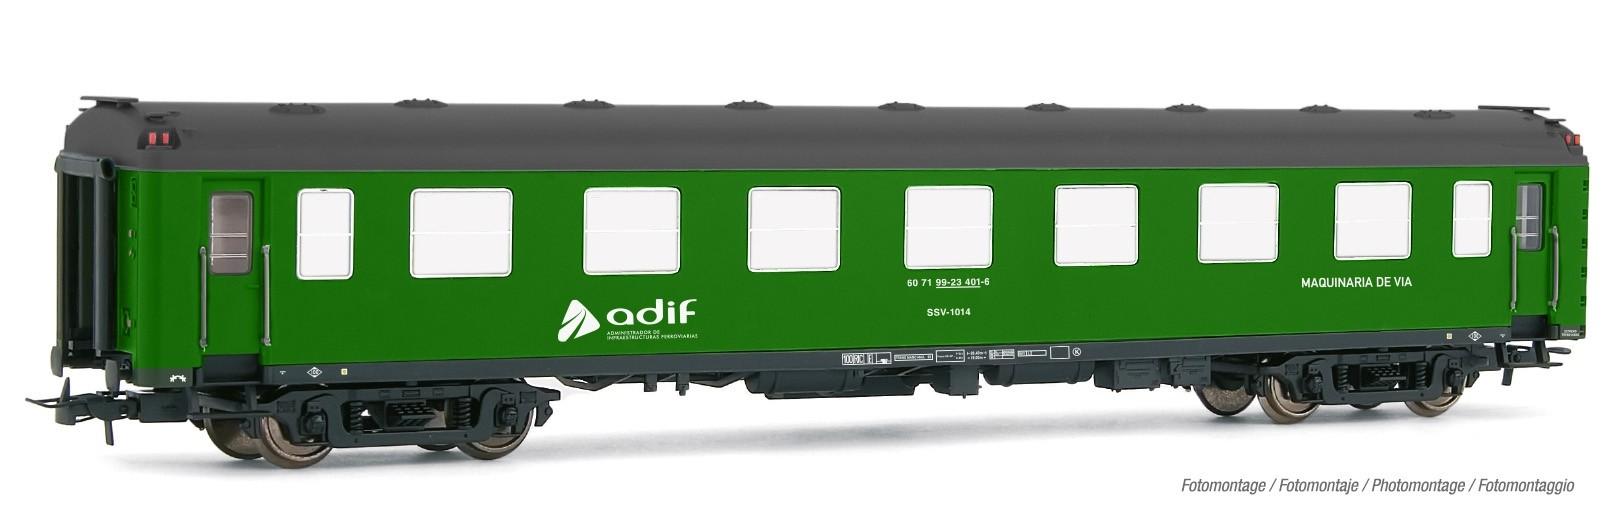 VI E5095 Electrotren 4-achs Ep Bahndienstwagen  ADIF Maquinaria de via